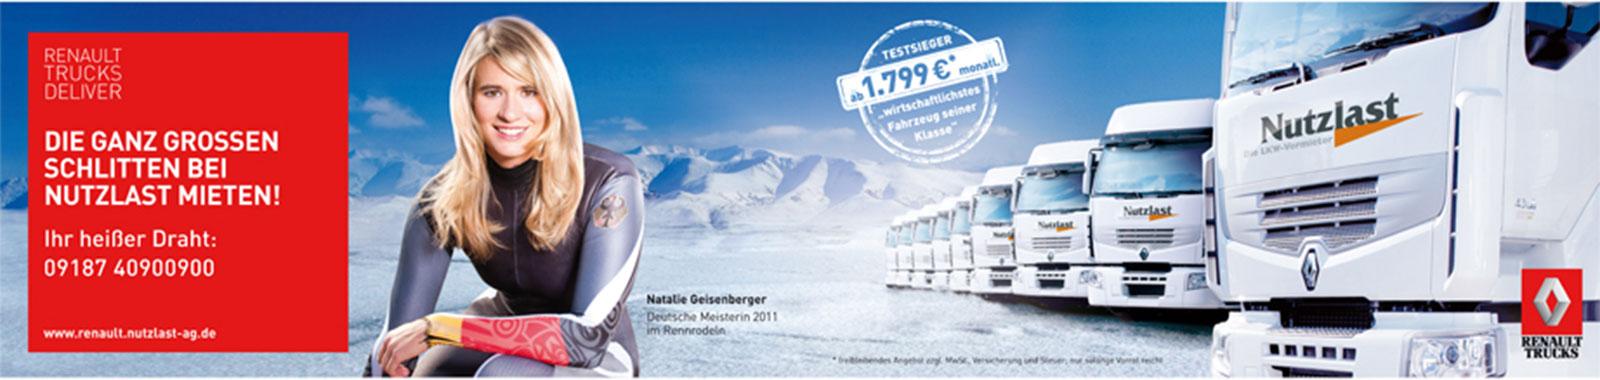 Sponsoring Kampagne Geisenberger